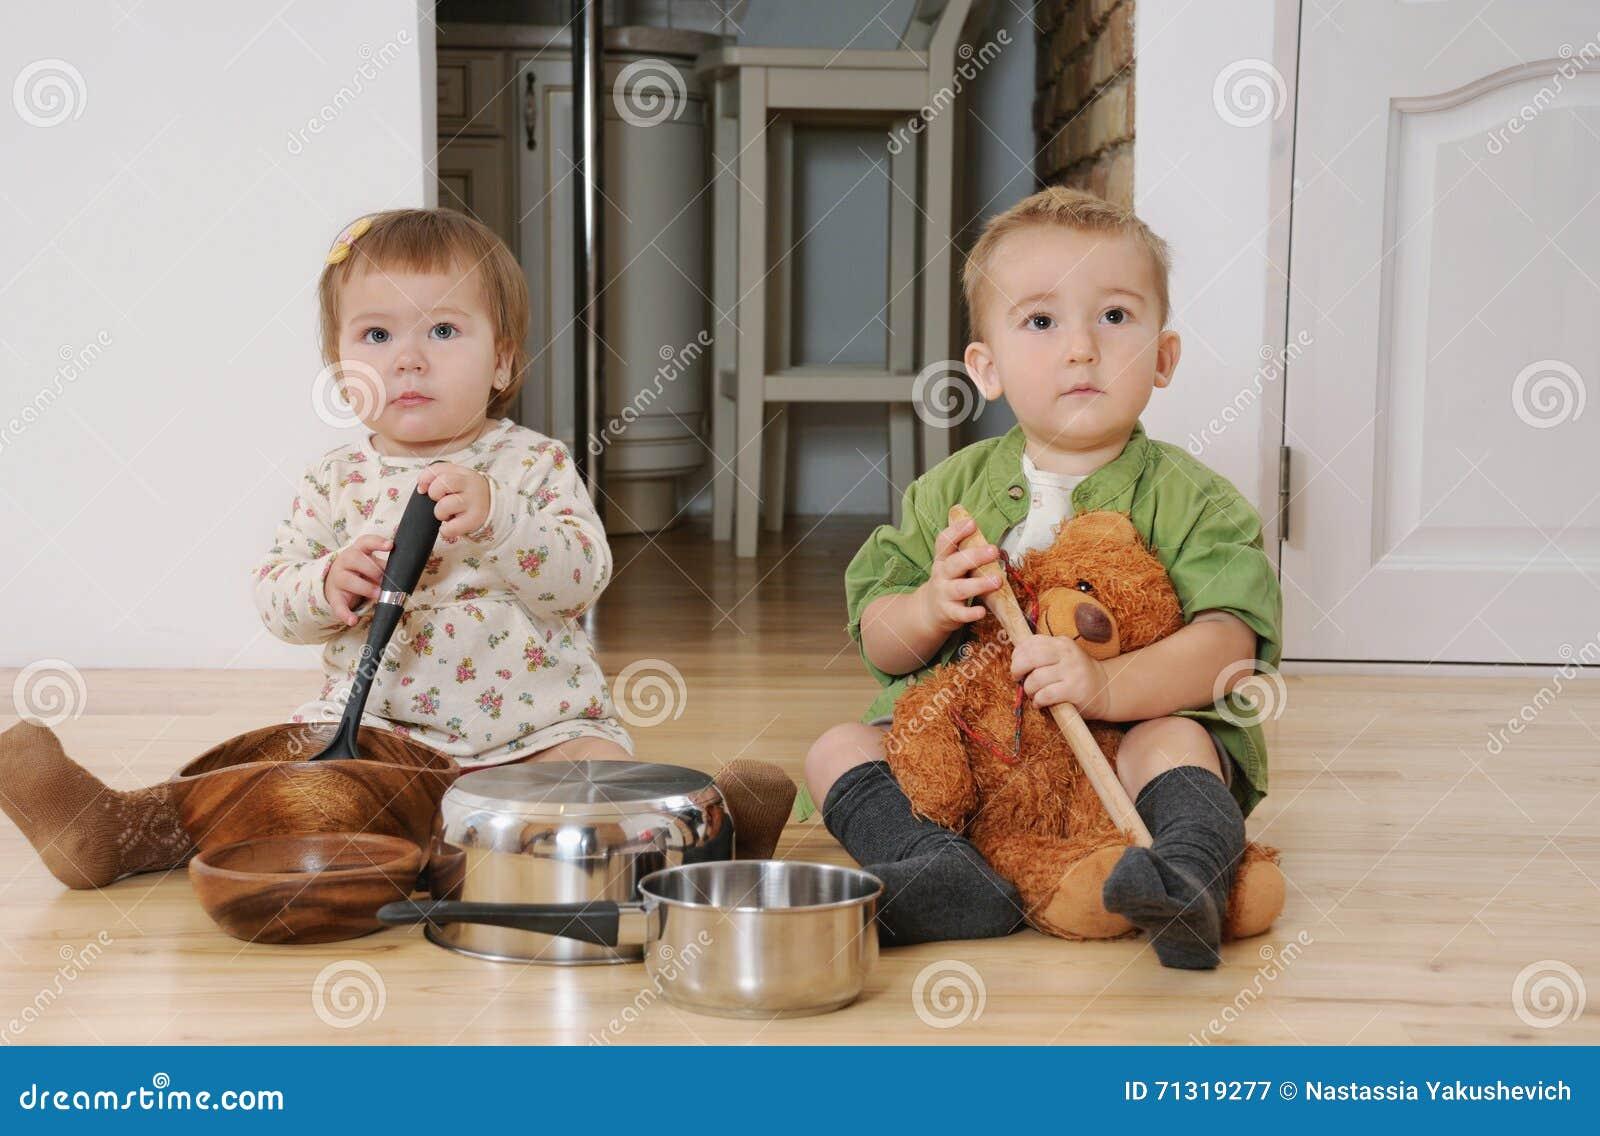 Zwei Kleinkinder Der Junge Und Mädchen, Die Auf Der Küche Sitzen ...